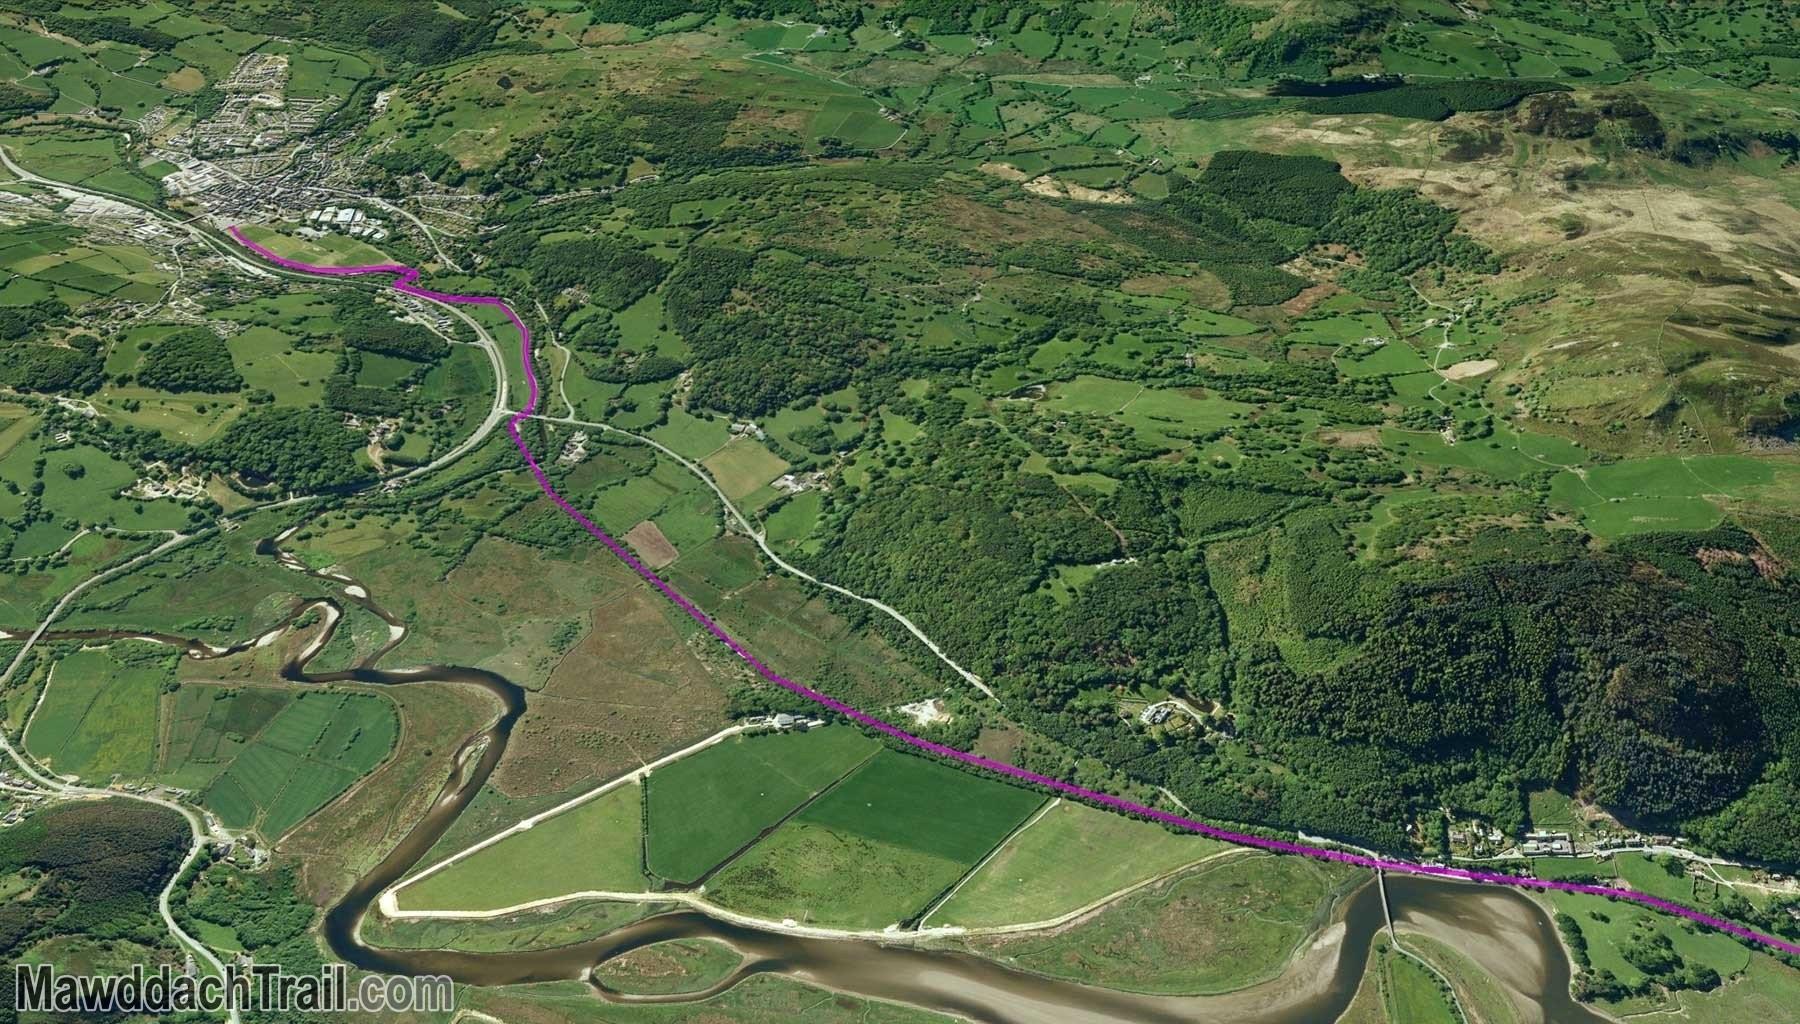 The Mawddach Trail - Dolgellau to Penmaenpool